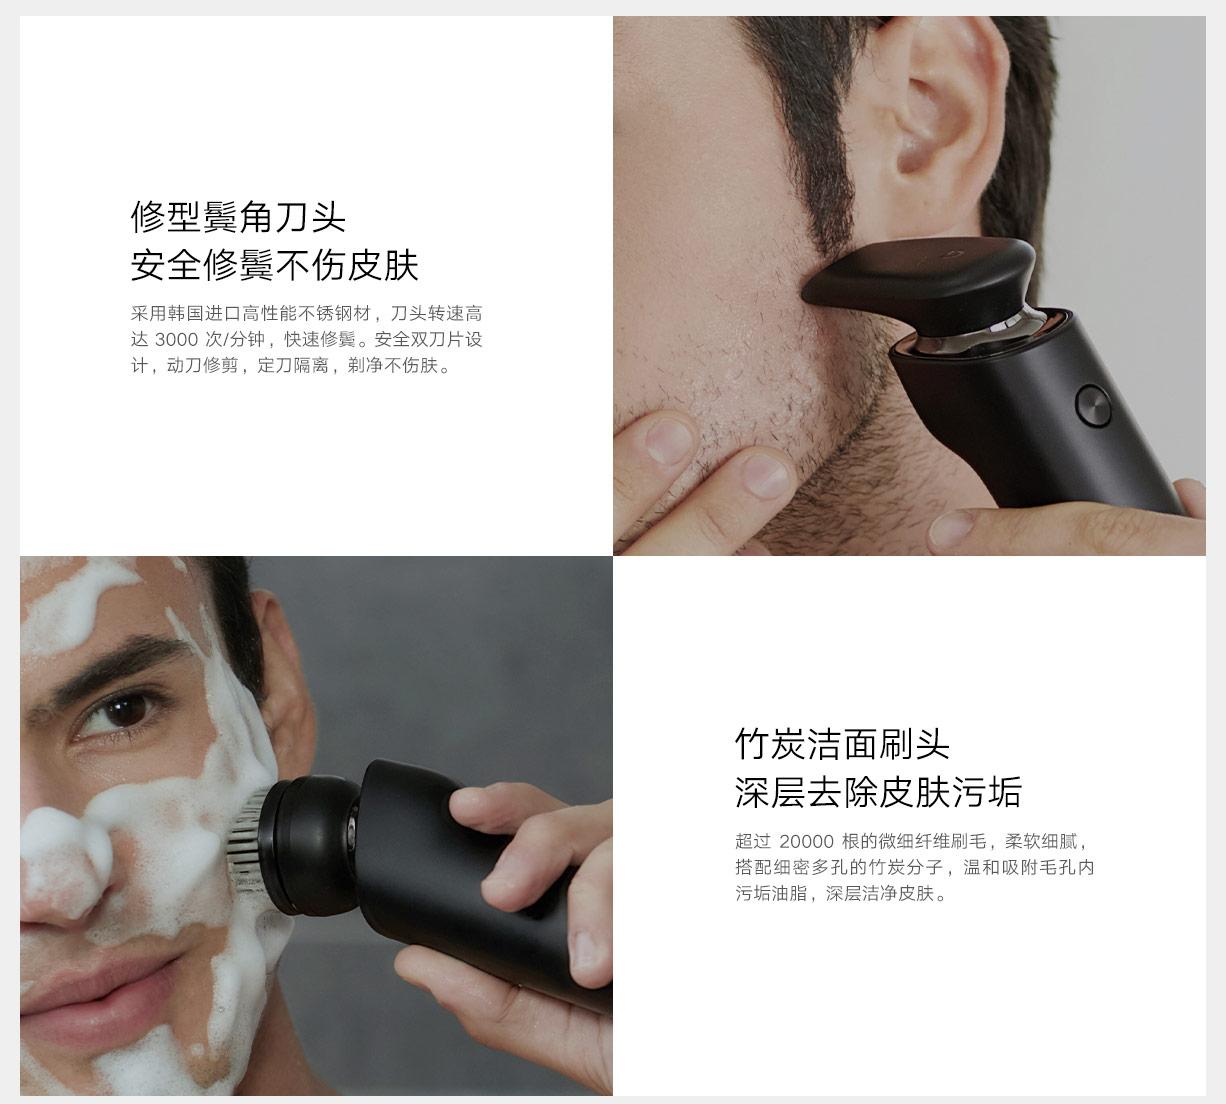 Las mejores máquinas de afeitar del ecosistema Xiaomi